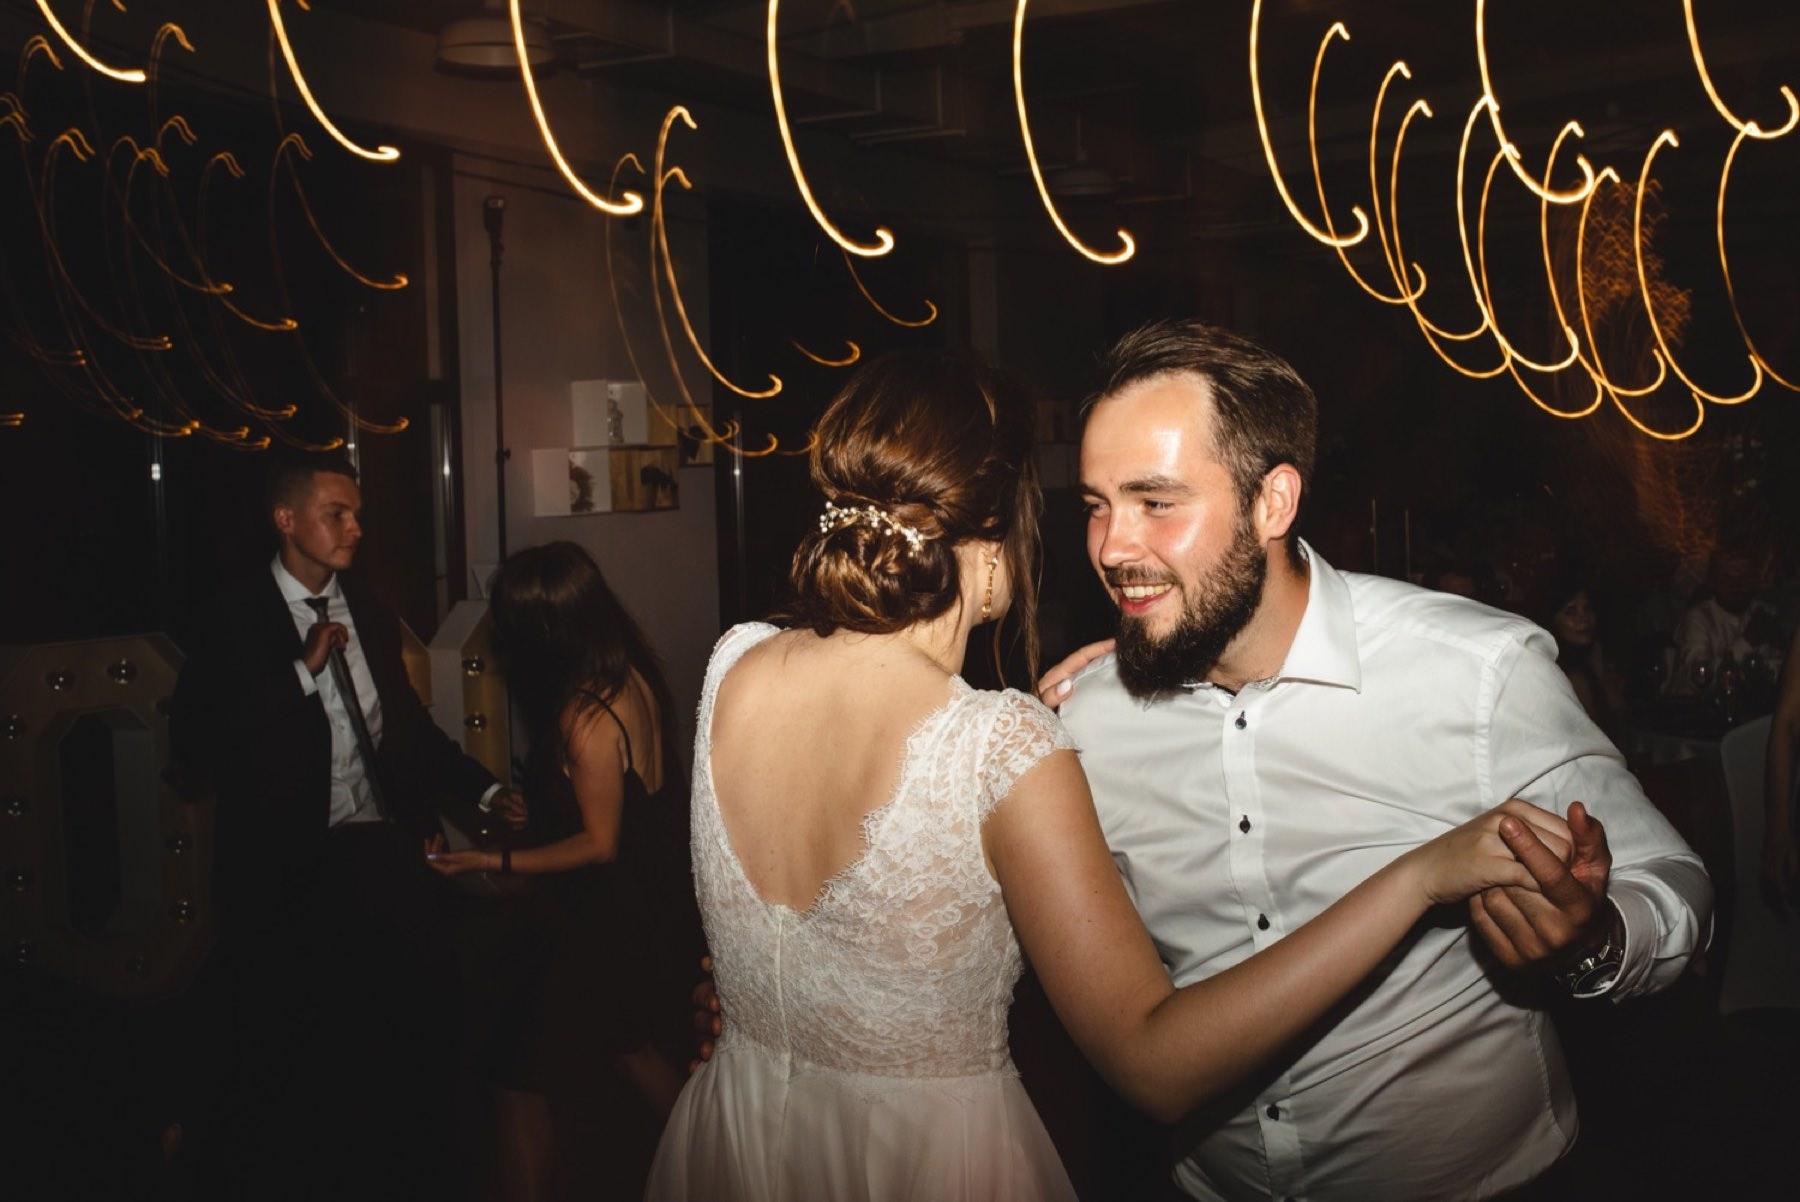 plenerowy ślub w villa omnia, fotograf slubny warszawa, fotograf slubny, villa omnia, plenerowy slub, slub w plenerze, wesele villa omnia, wesele w villi omnia, slow wedding